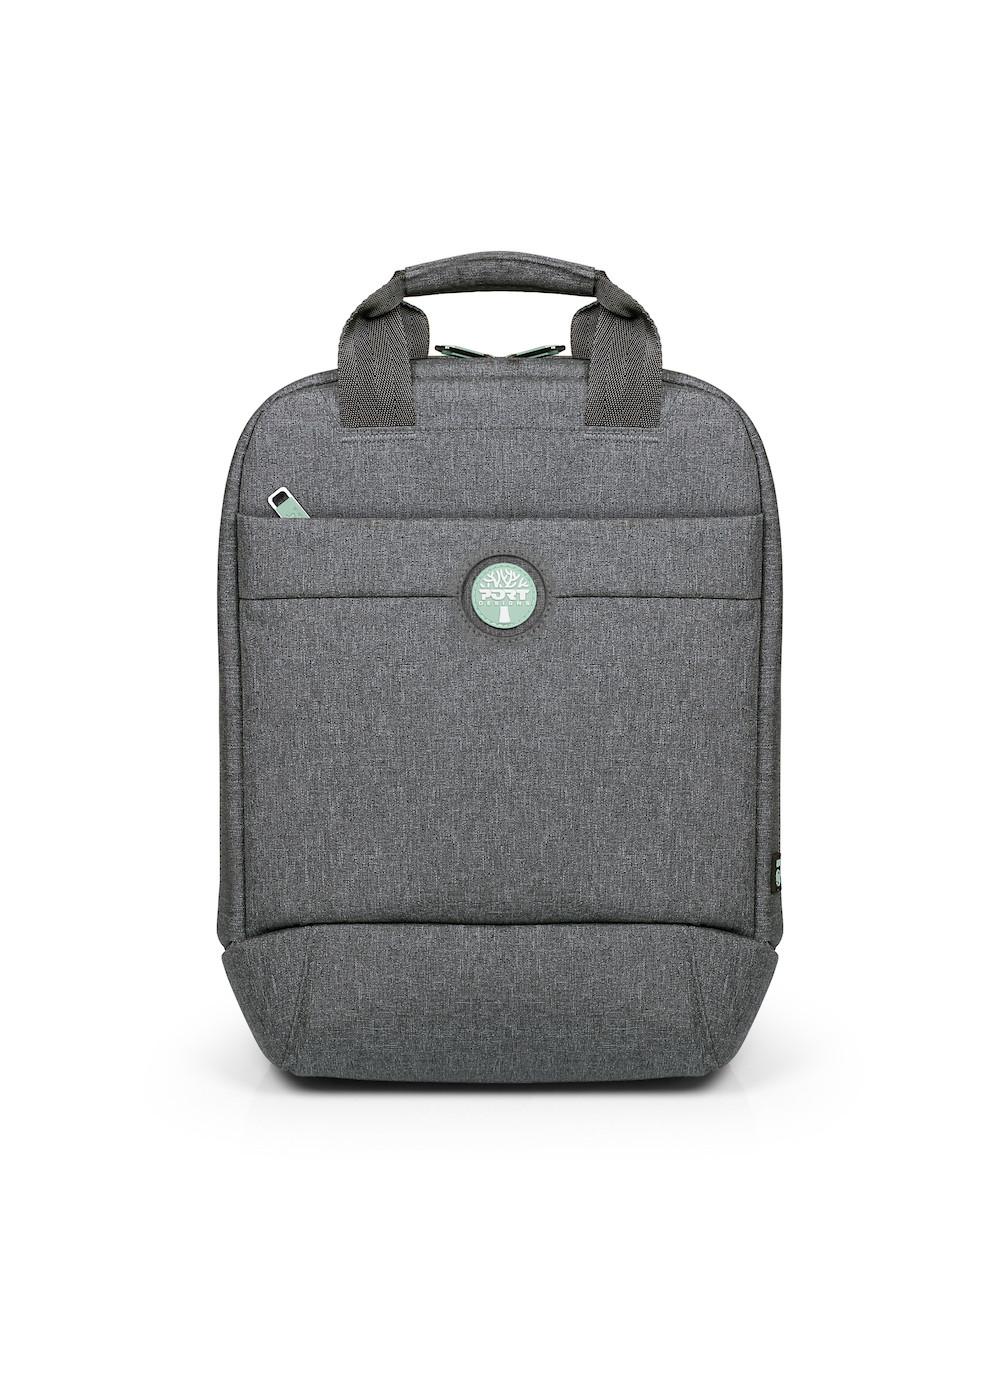 Vorschau: PORT Designs YOSEMITE Eco - Rucksack - 35,6 cm (14 Zoll) - Schultergurt - 530 g